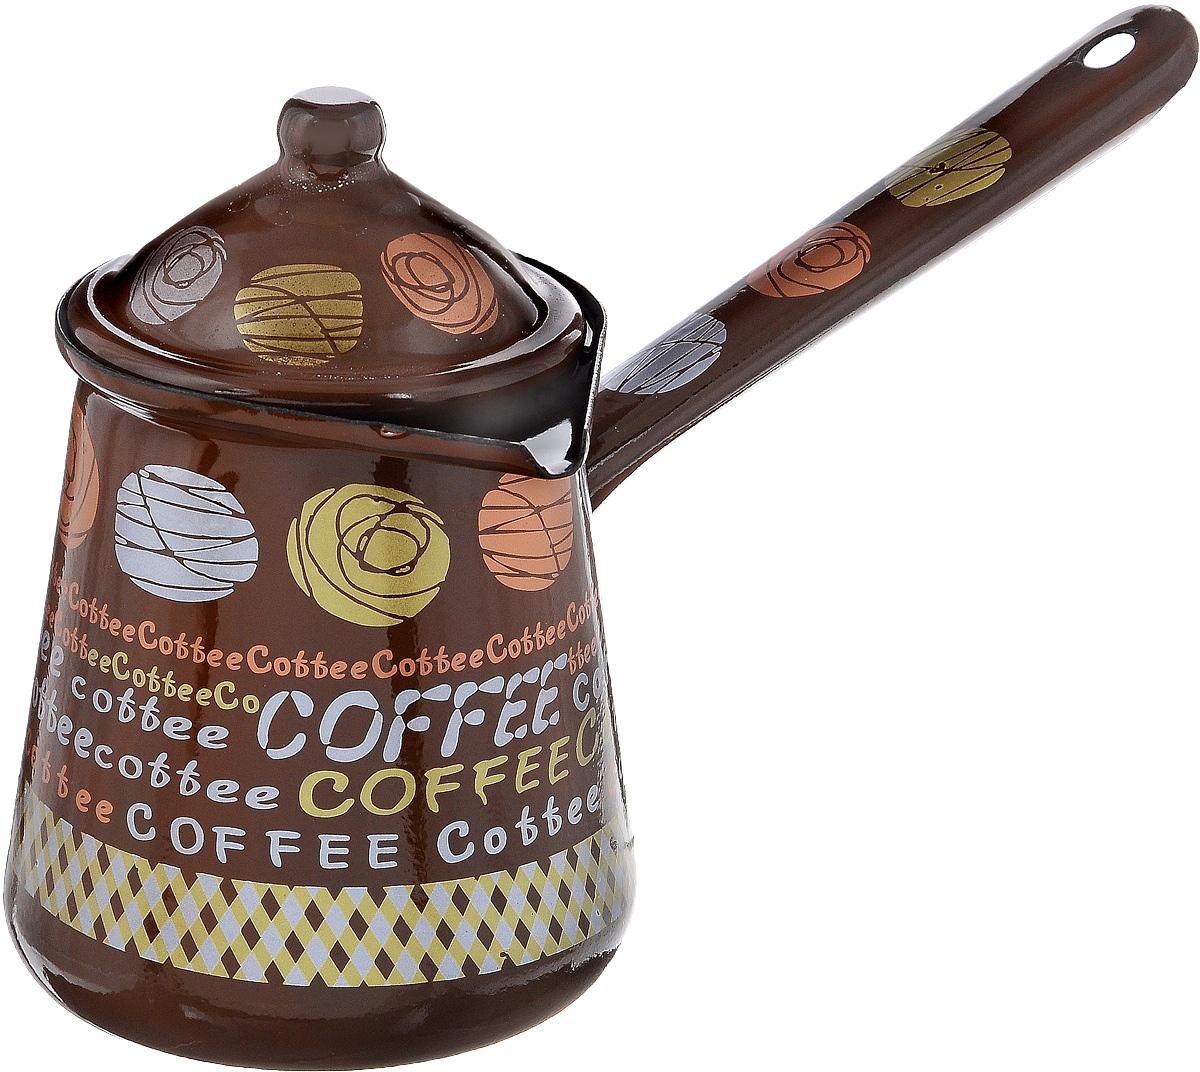 Турка Calve, с крышкой, цвет: коричневый, 700 млCL-7001_коричневыйТурка Calve, изготовленная из высококачественной стали, предназначена для приготовления кофе. Внешние стенки турки оформлены изящным рисунком с изображением надписей Coffe. Изделие имеет широкое горлышко,специальный носик и крышку. Рукоятка снабжена специальным отверстием, благодаря которому изделие можно подвесить на крючок. Кофе в турке варится очень просто. Насыпьте молотый кофе, залейте водой и варите на слабом огне, не доводя до кипения. Чем дольше кофе варить, тем крепче он становится. Подходит для всех видов плит, включая индукционные. Диаметр турки (по верхнему краю): 9,5 см. Длина ручки: 14,5 см.Высота стенки: 12,5 см.